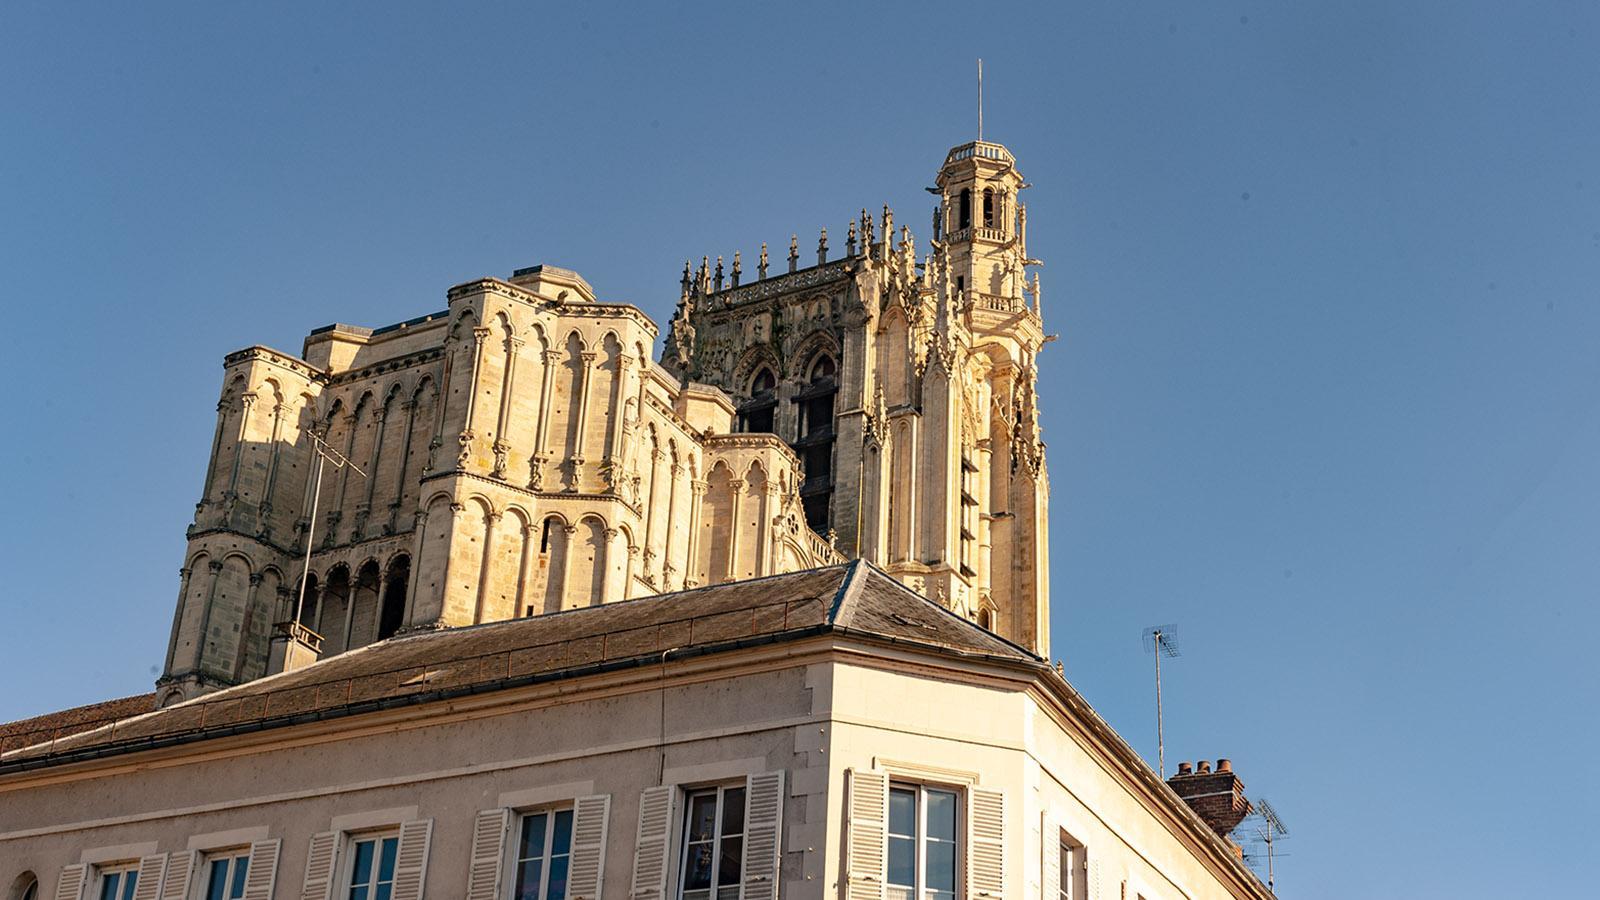 Die Kathedrale von Sens erhebt sich hoch aus dem Häusermeer. Foto: Hilke Maunder